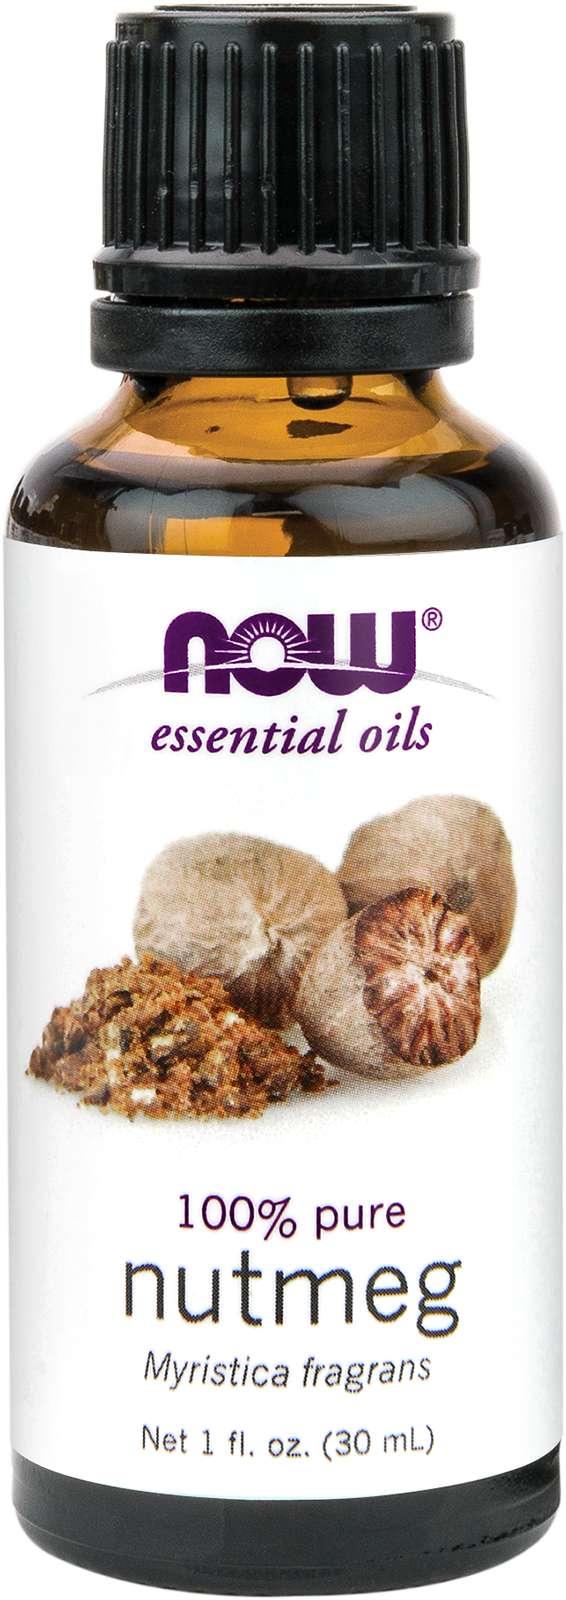 Nutmeg Oil (Myristica fragrans) 30mL